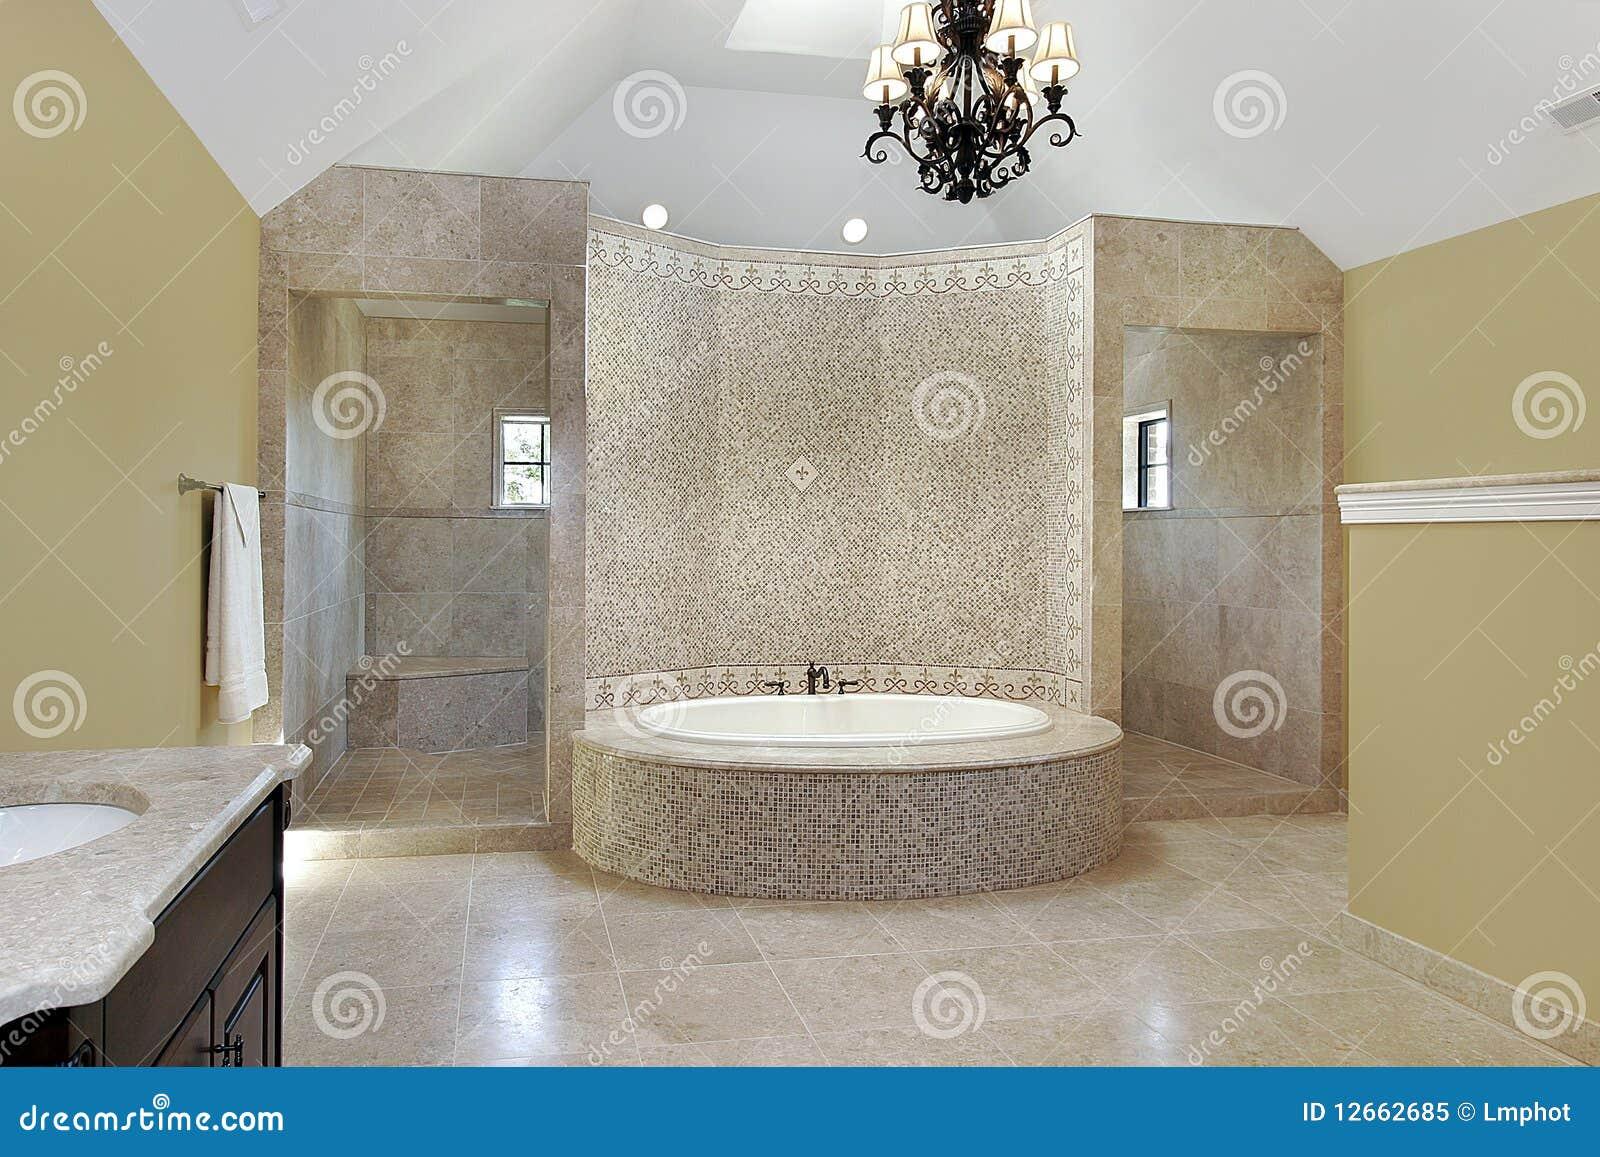 Bagno matrice con il bagno circolare immagine stock immagine di dispositivi coperta 12662685 - Vasca da bagno circolare ...